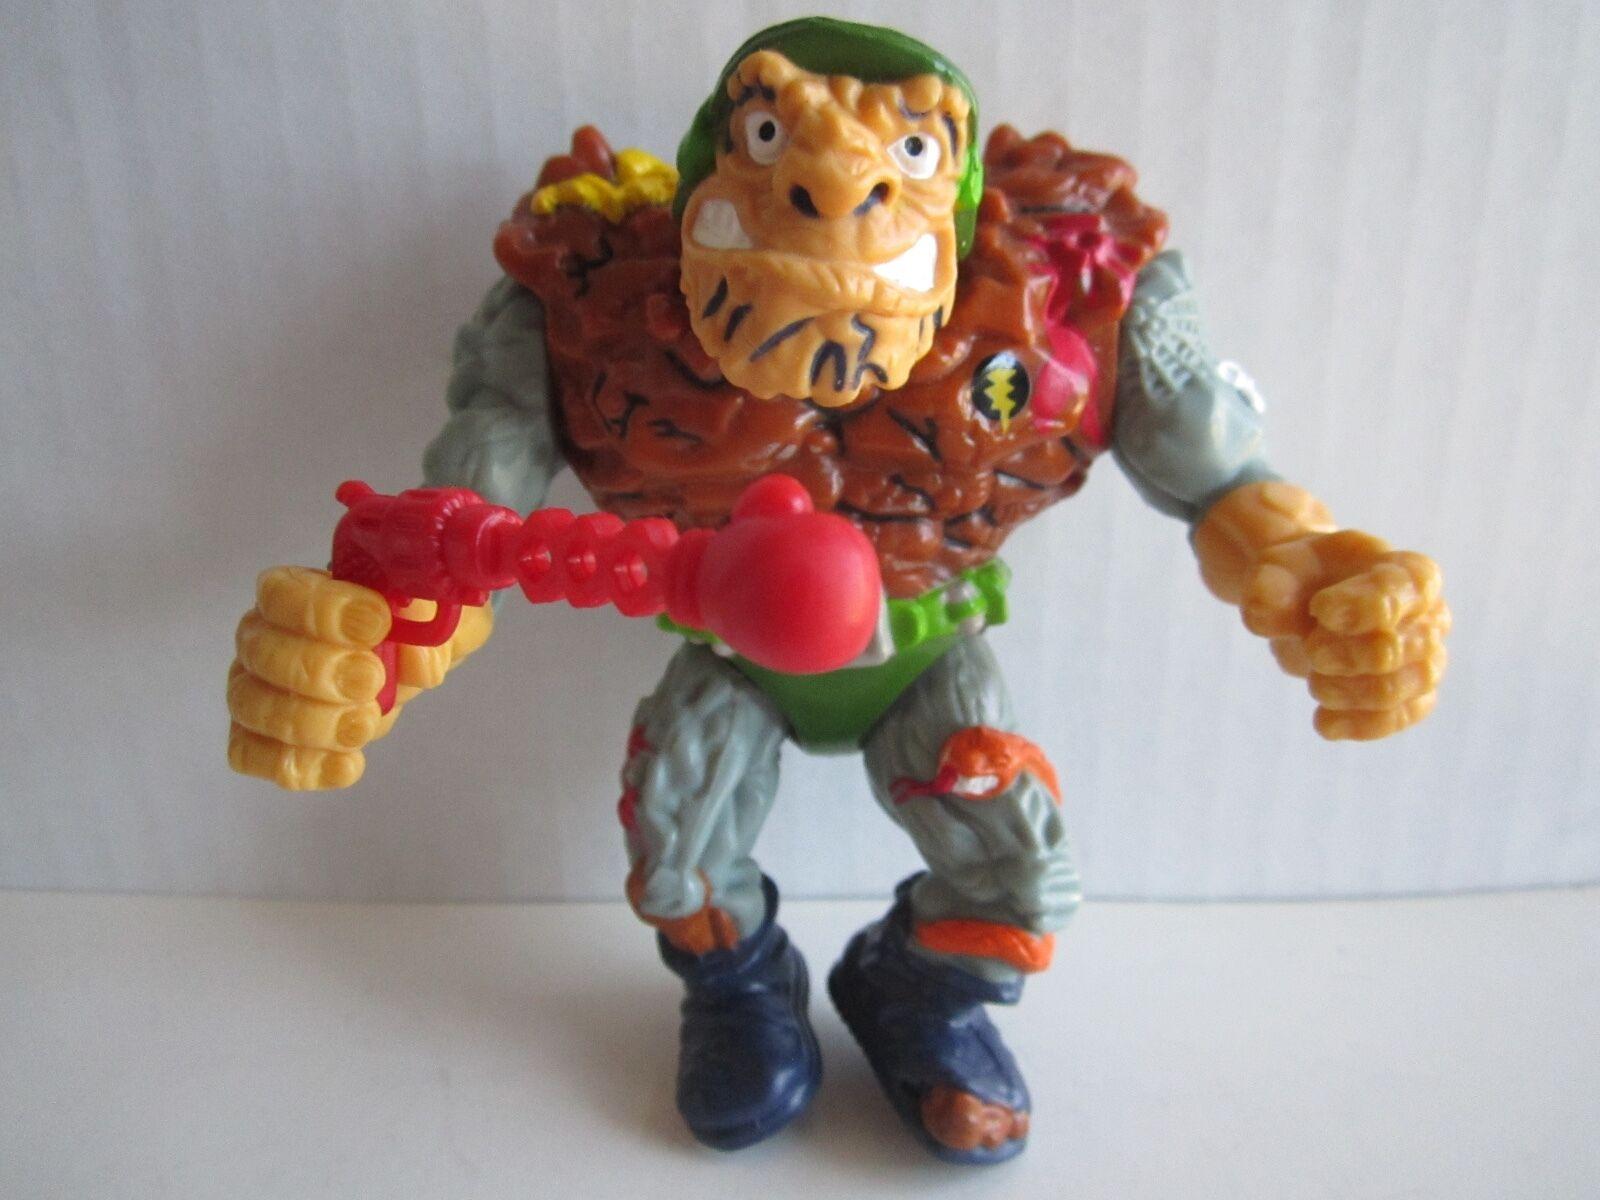 (7), 1988 - 1991 mirage - studios playmate spielzeug actionfiguren - bilder - wanne bn-16